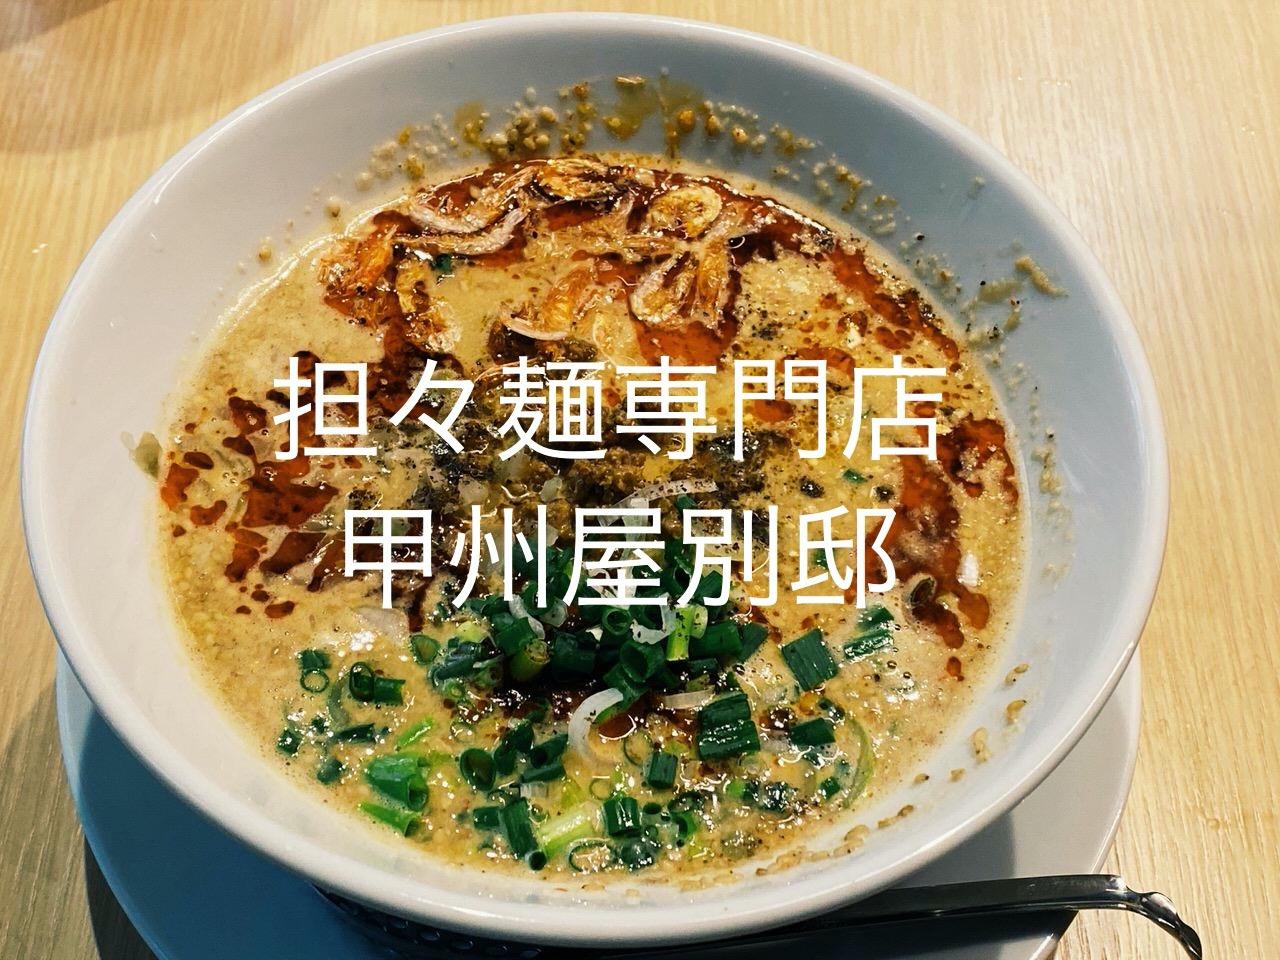 「甲州屋別邸」0辛もある胡麻推しの担々麺専門店(浦和)